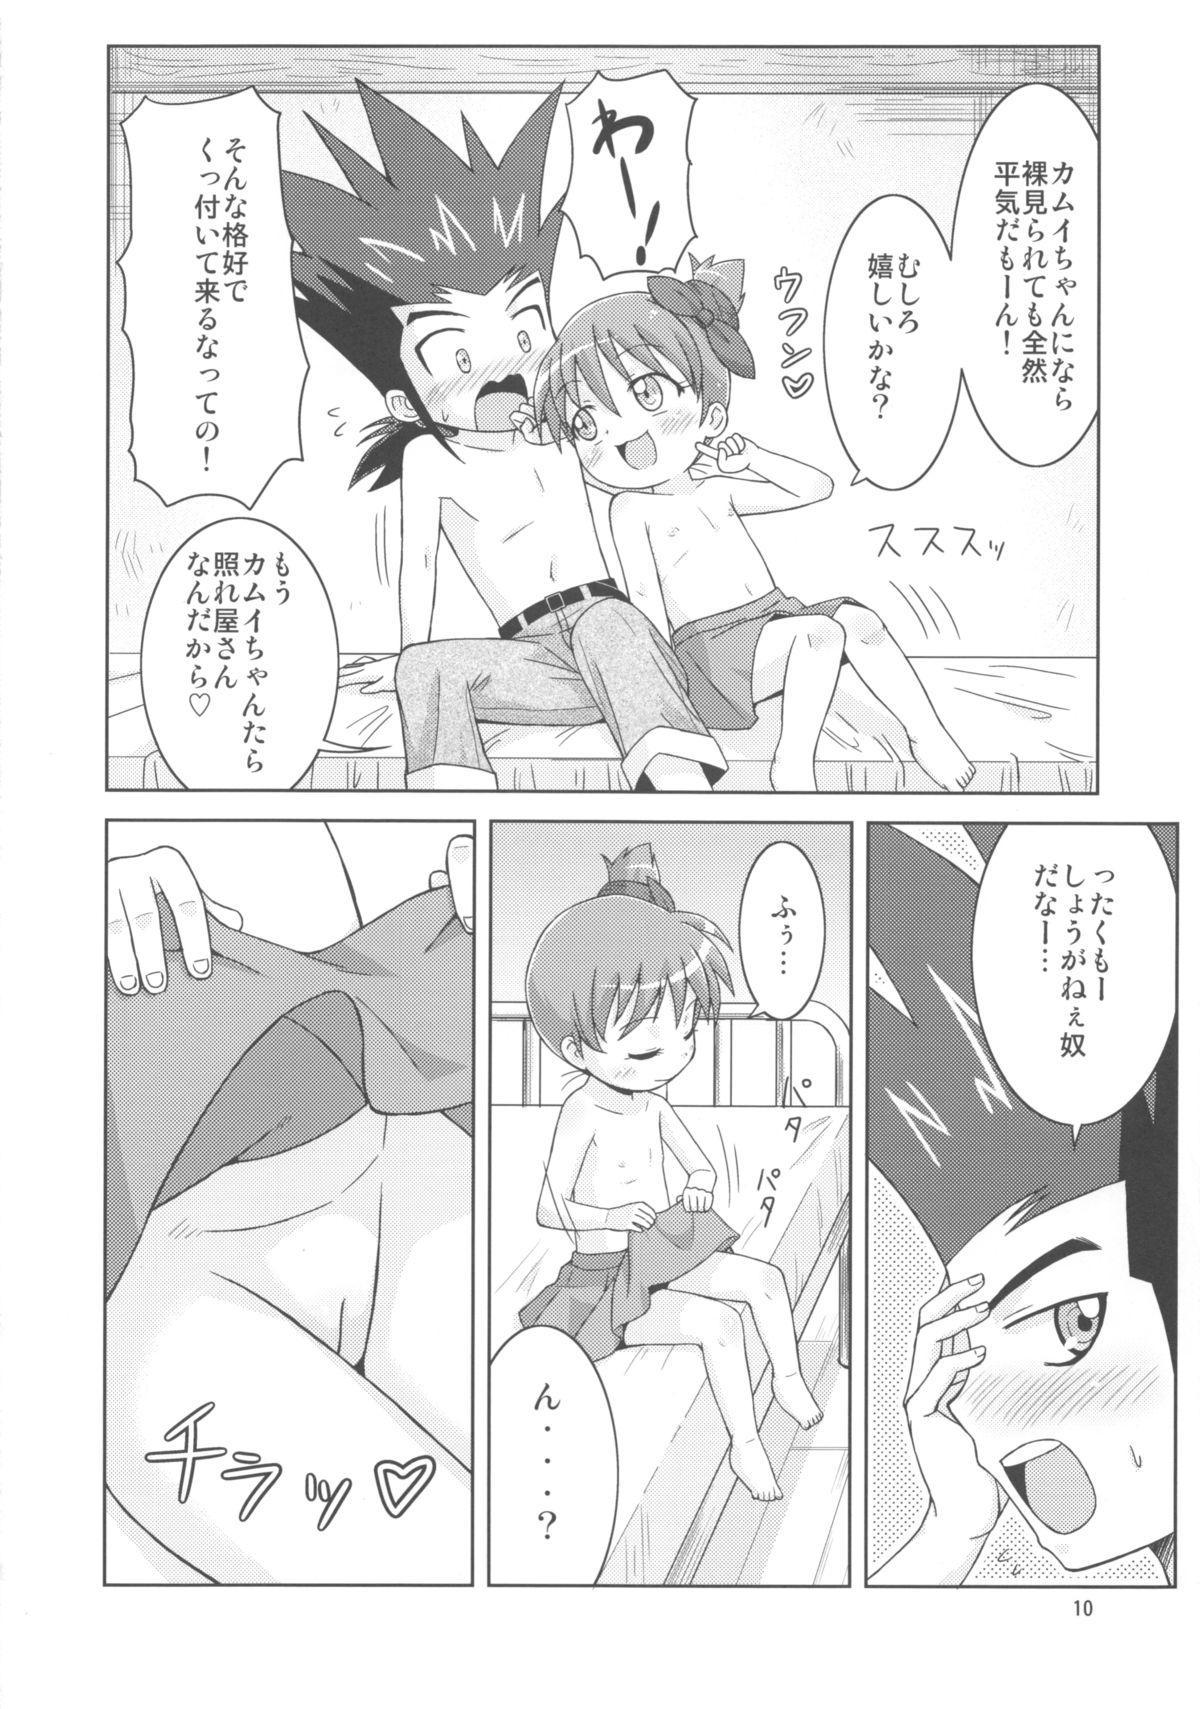 (Puniket 27) [Tori no Ya (Mashikodori)] Kamui-kun to Nagisa-chan to. (Cardfight!! Vanguard) 9